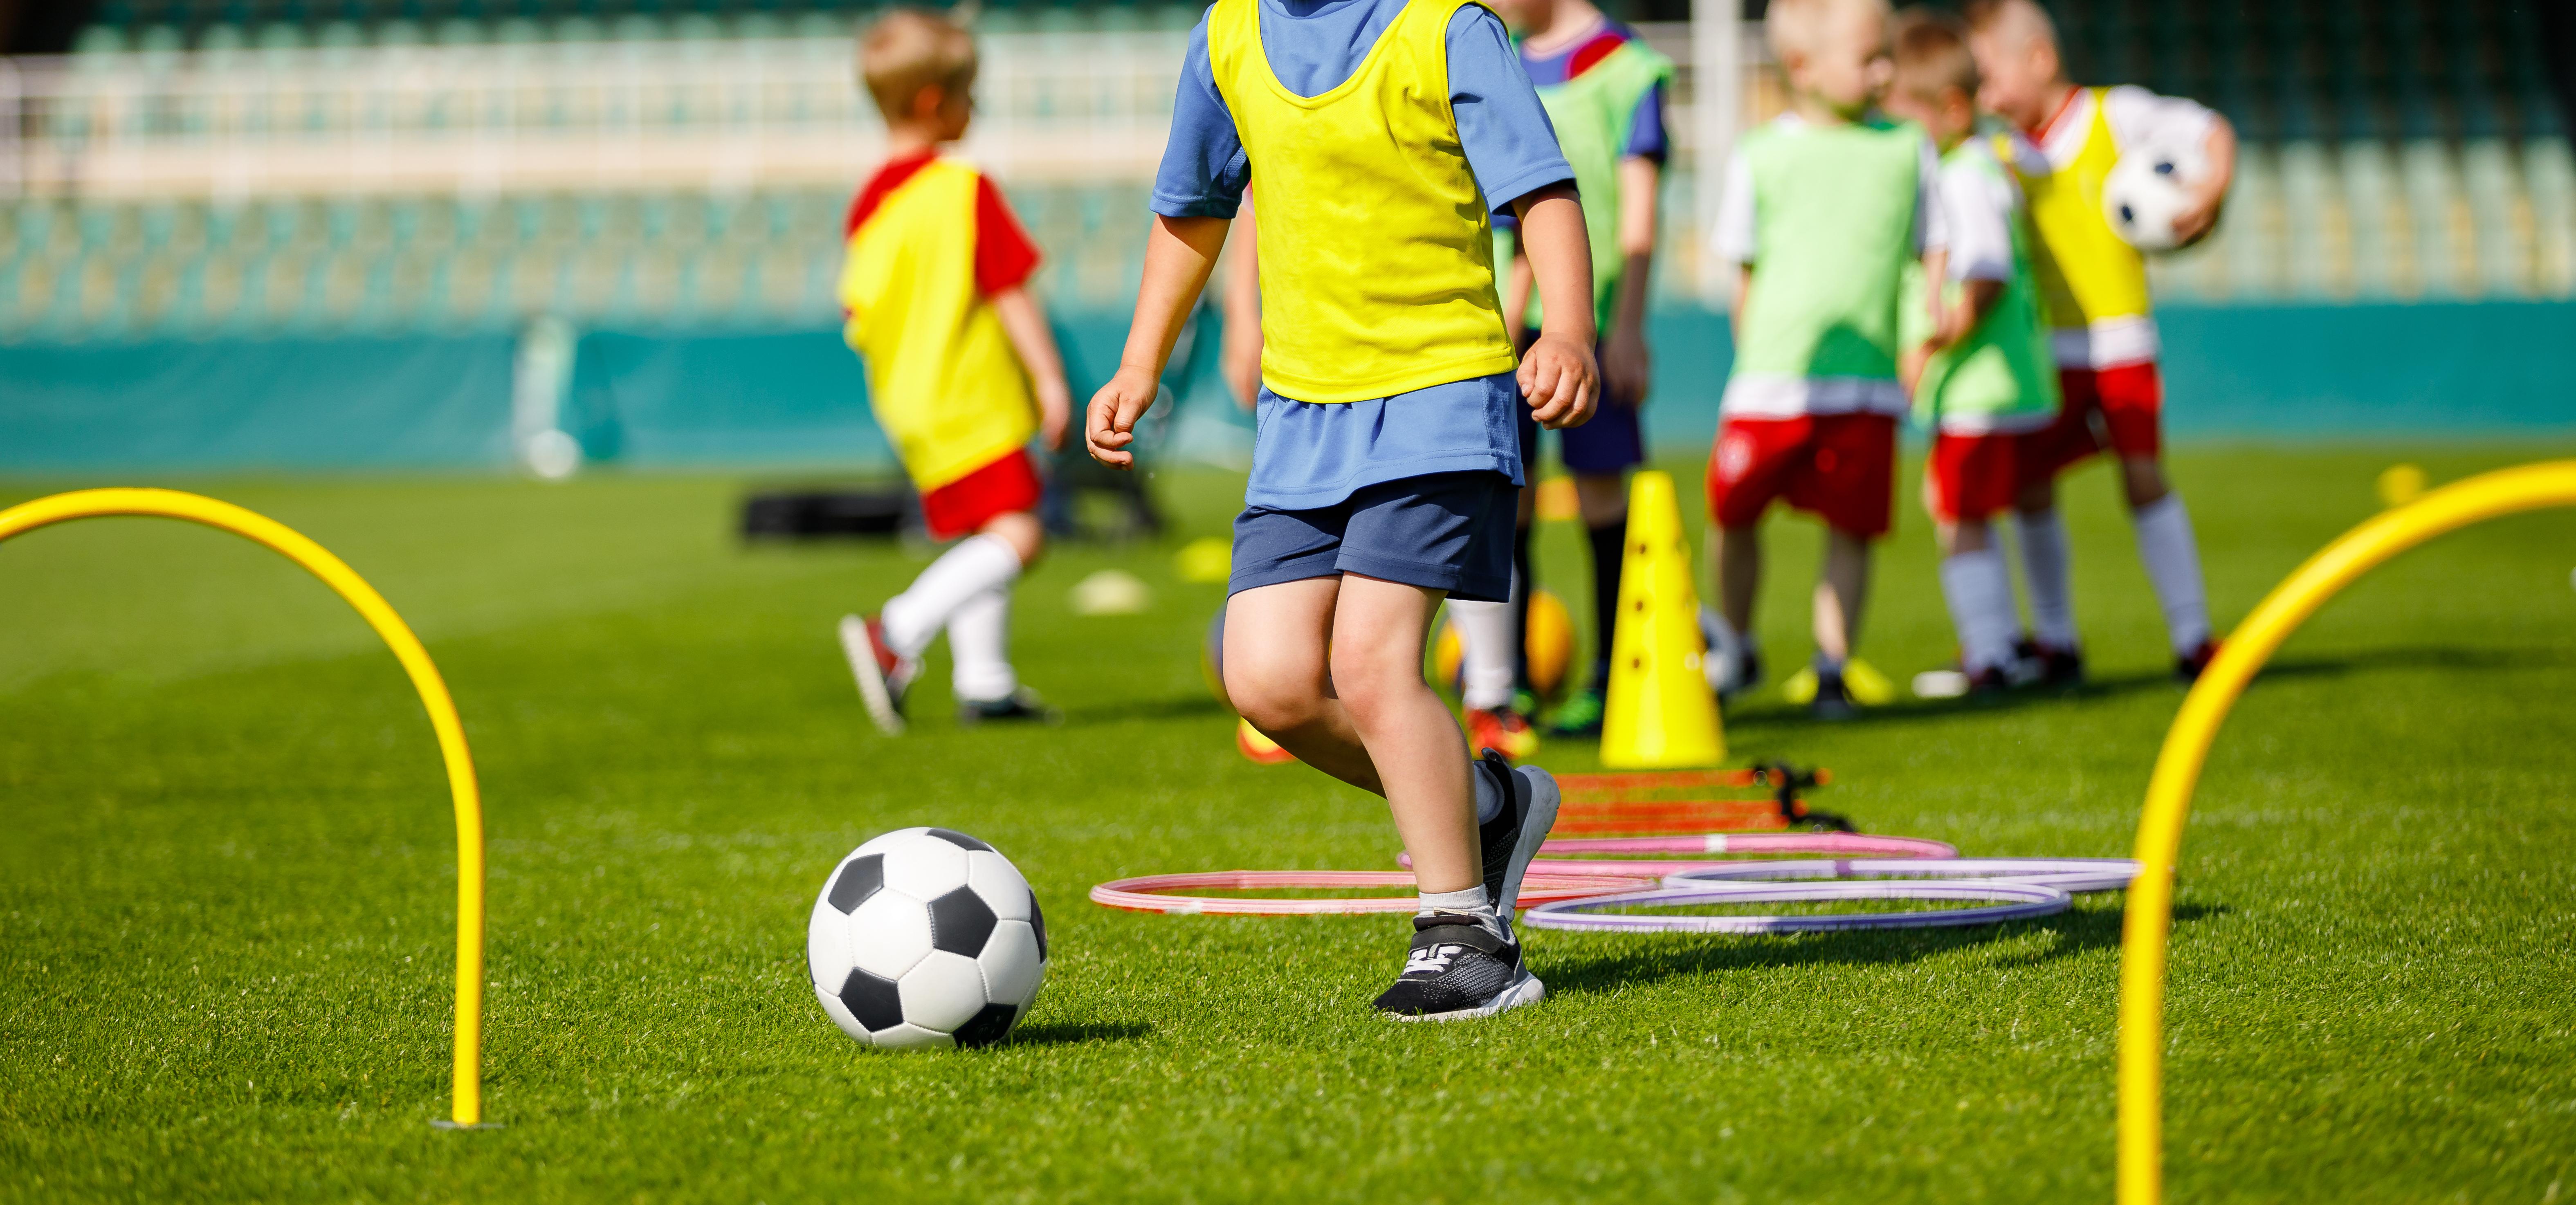 Trots att det finns andra anledningar till övervikt och fetma misstänks just att vara ensambarn vara en starkt bidragande faktor till övervikt.